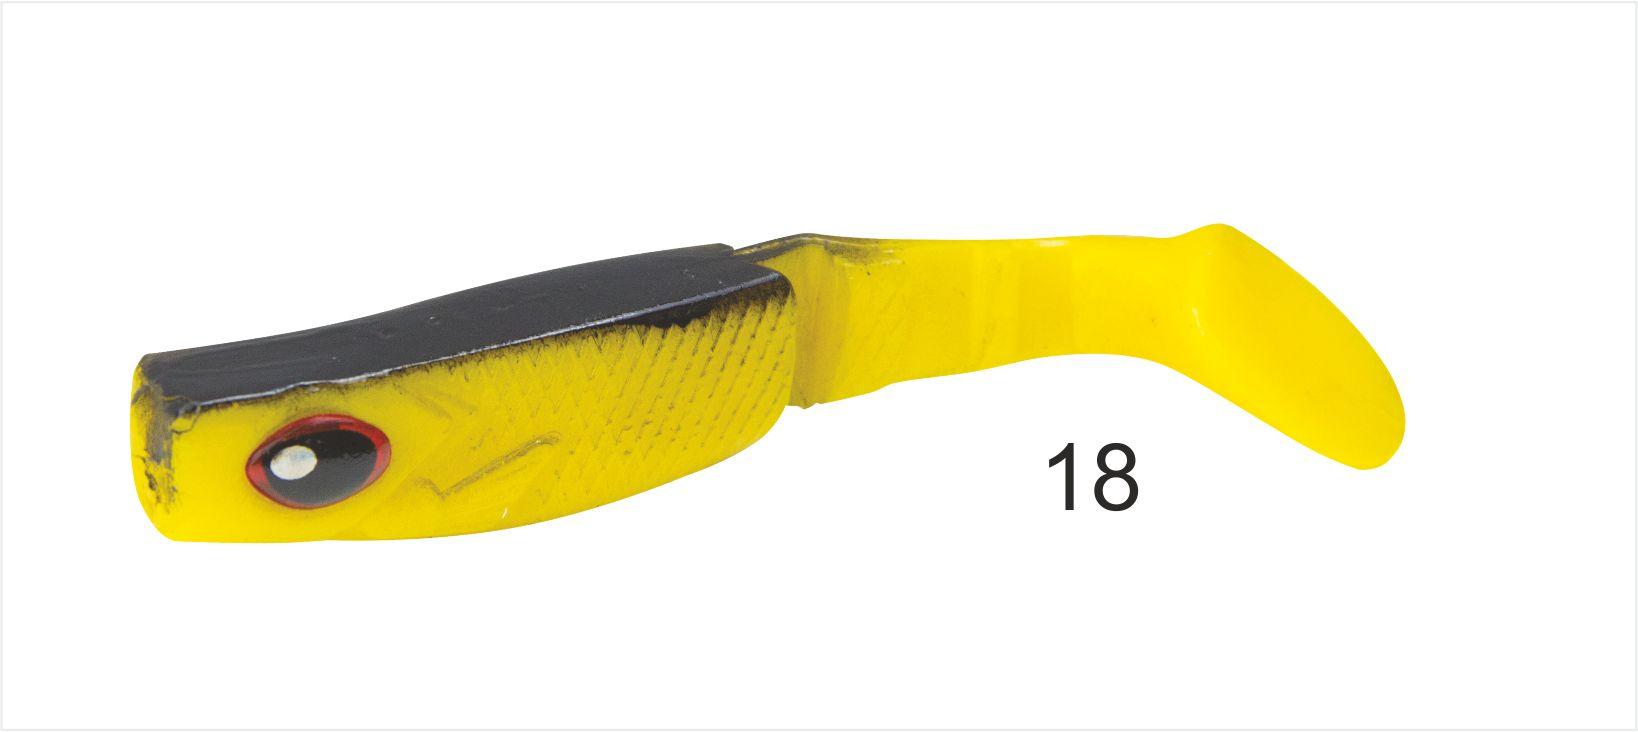 Mistrall gumová nástraha Dominátor 6,5 cm Možnost 18